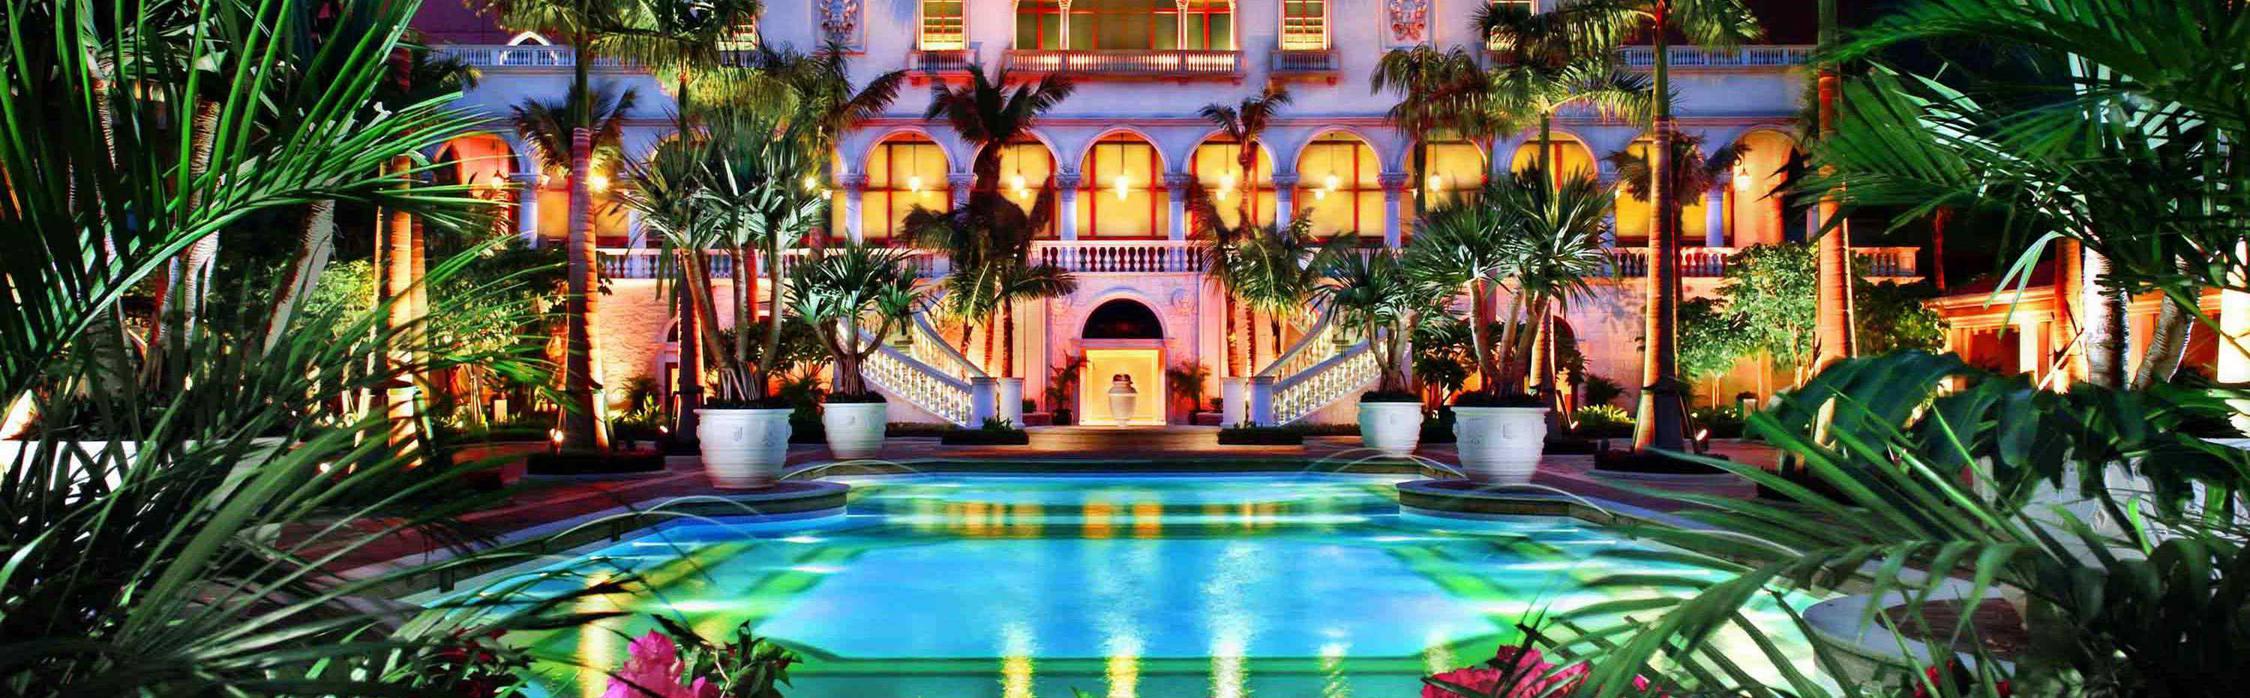 Miami sightseeing tours - Venetian Pool